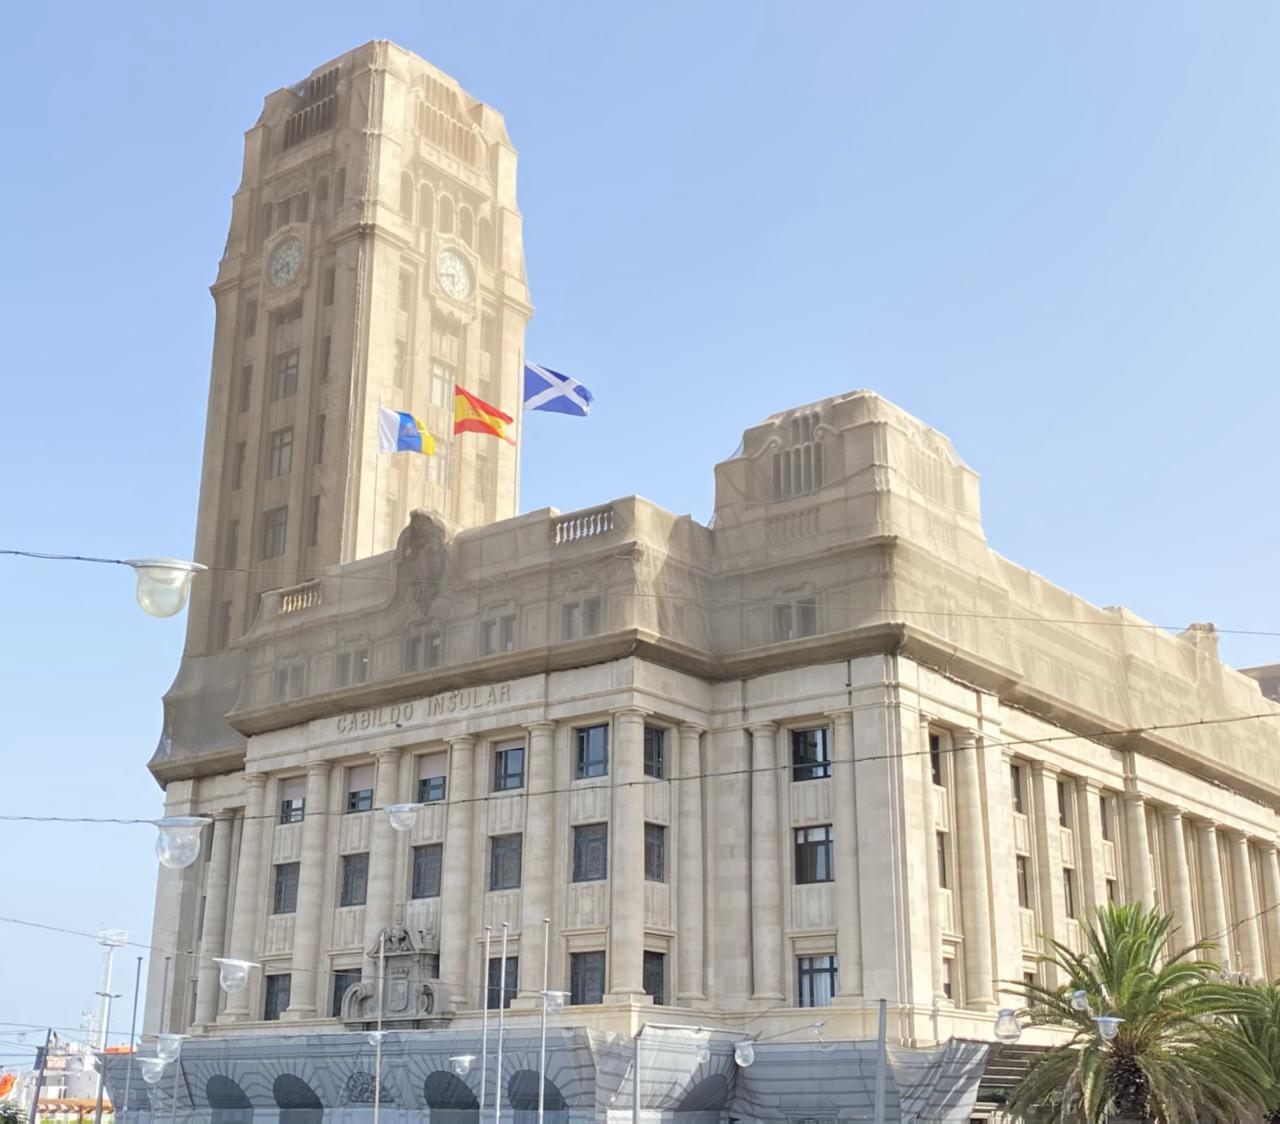 Edificio del cabildo insular de Tenerife